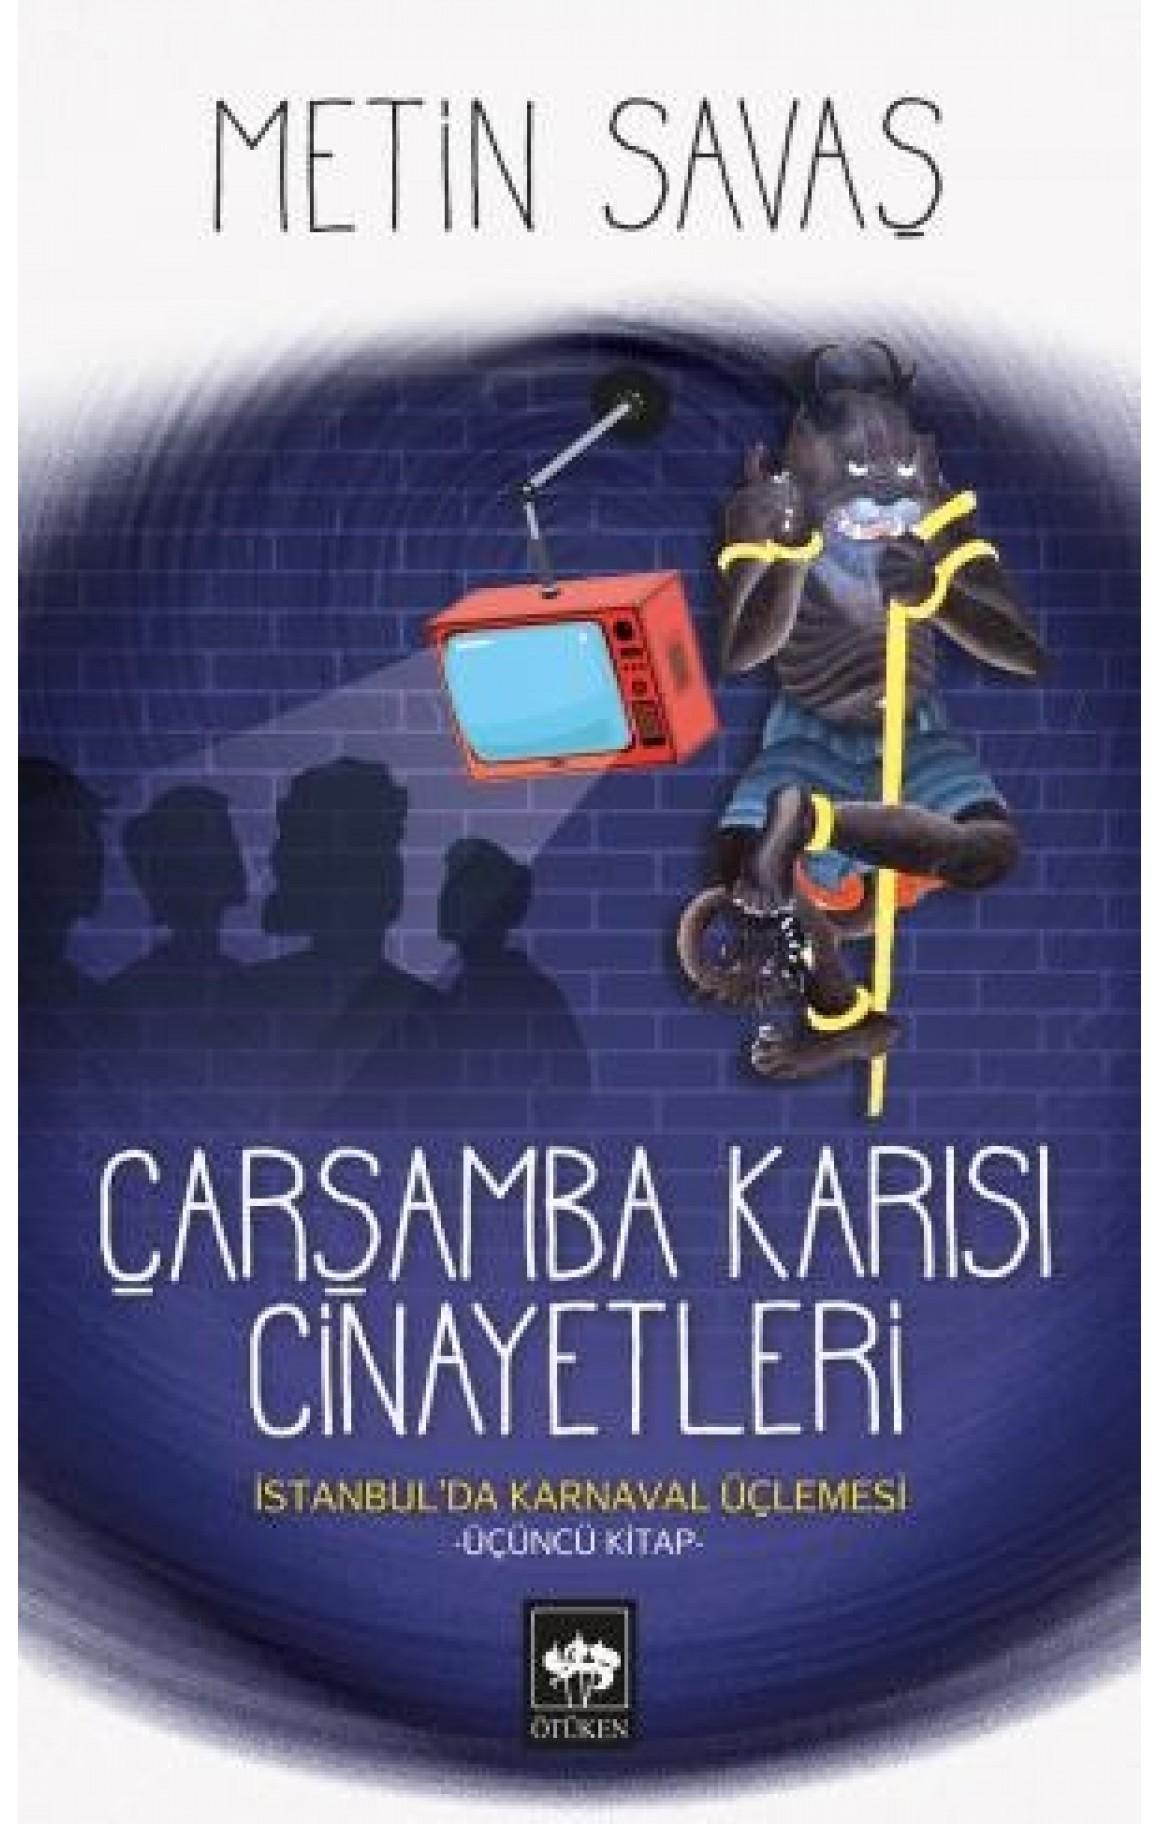 Çarşamba Karısı Cinayetleri-İstanbulda Karnaval Üçlemesi 3.Kitap